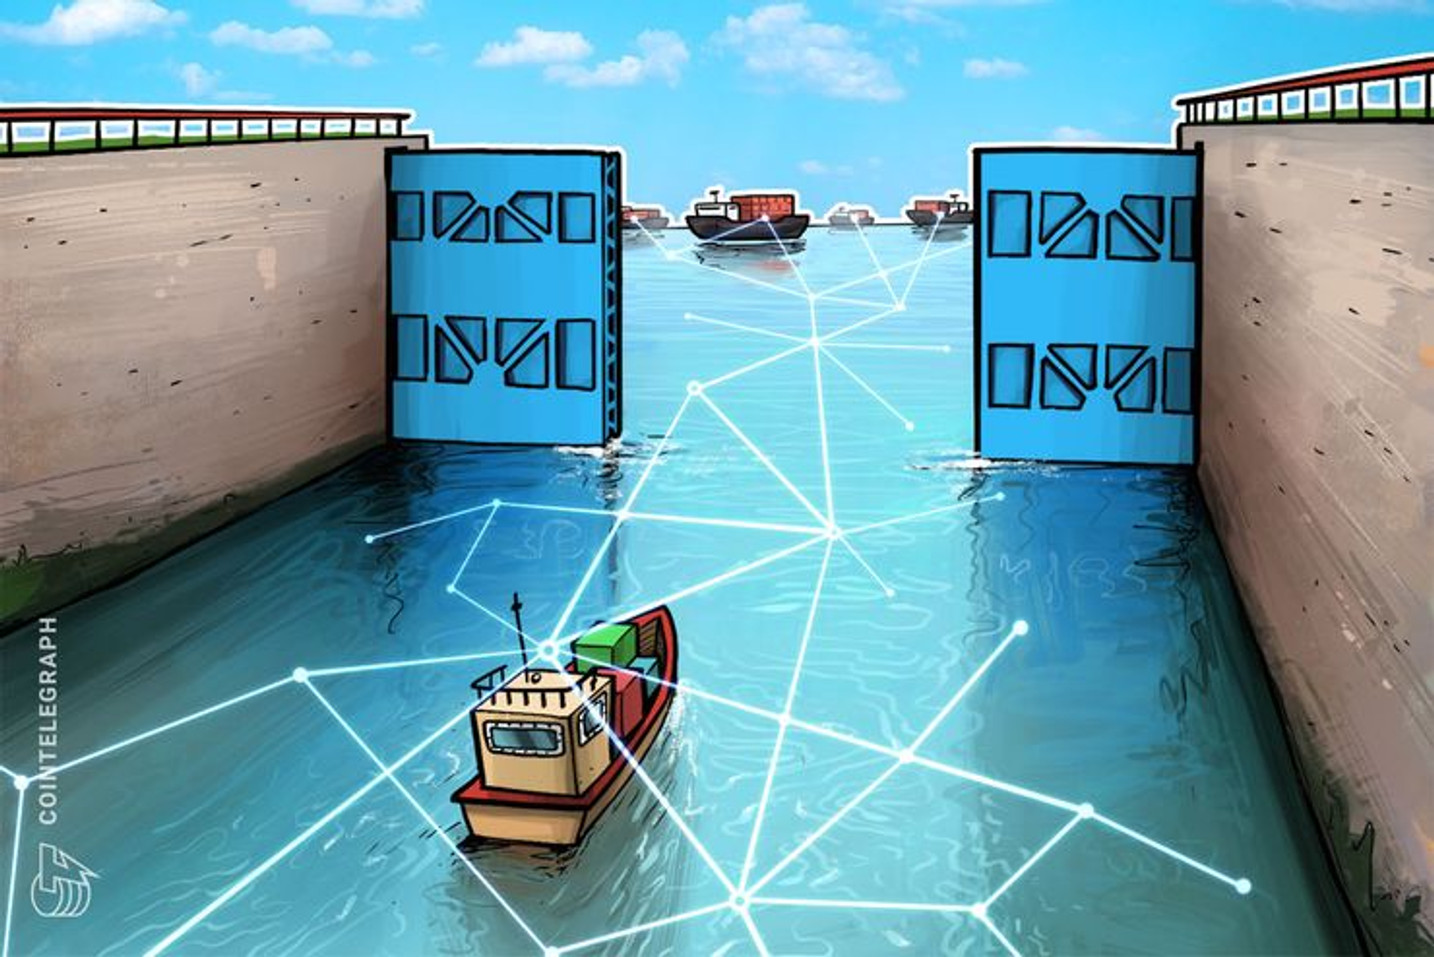 España: Ecustoms presenta plataforma blockchain para operaciones aduaneras